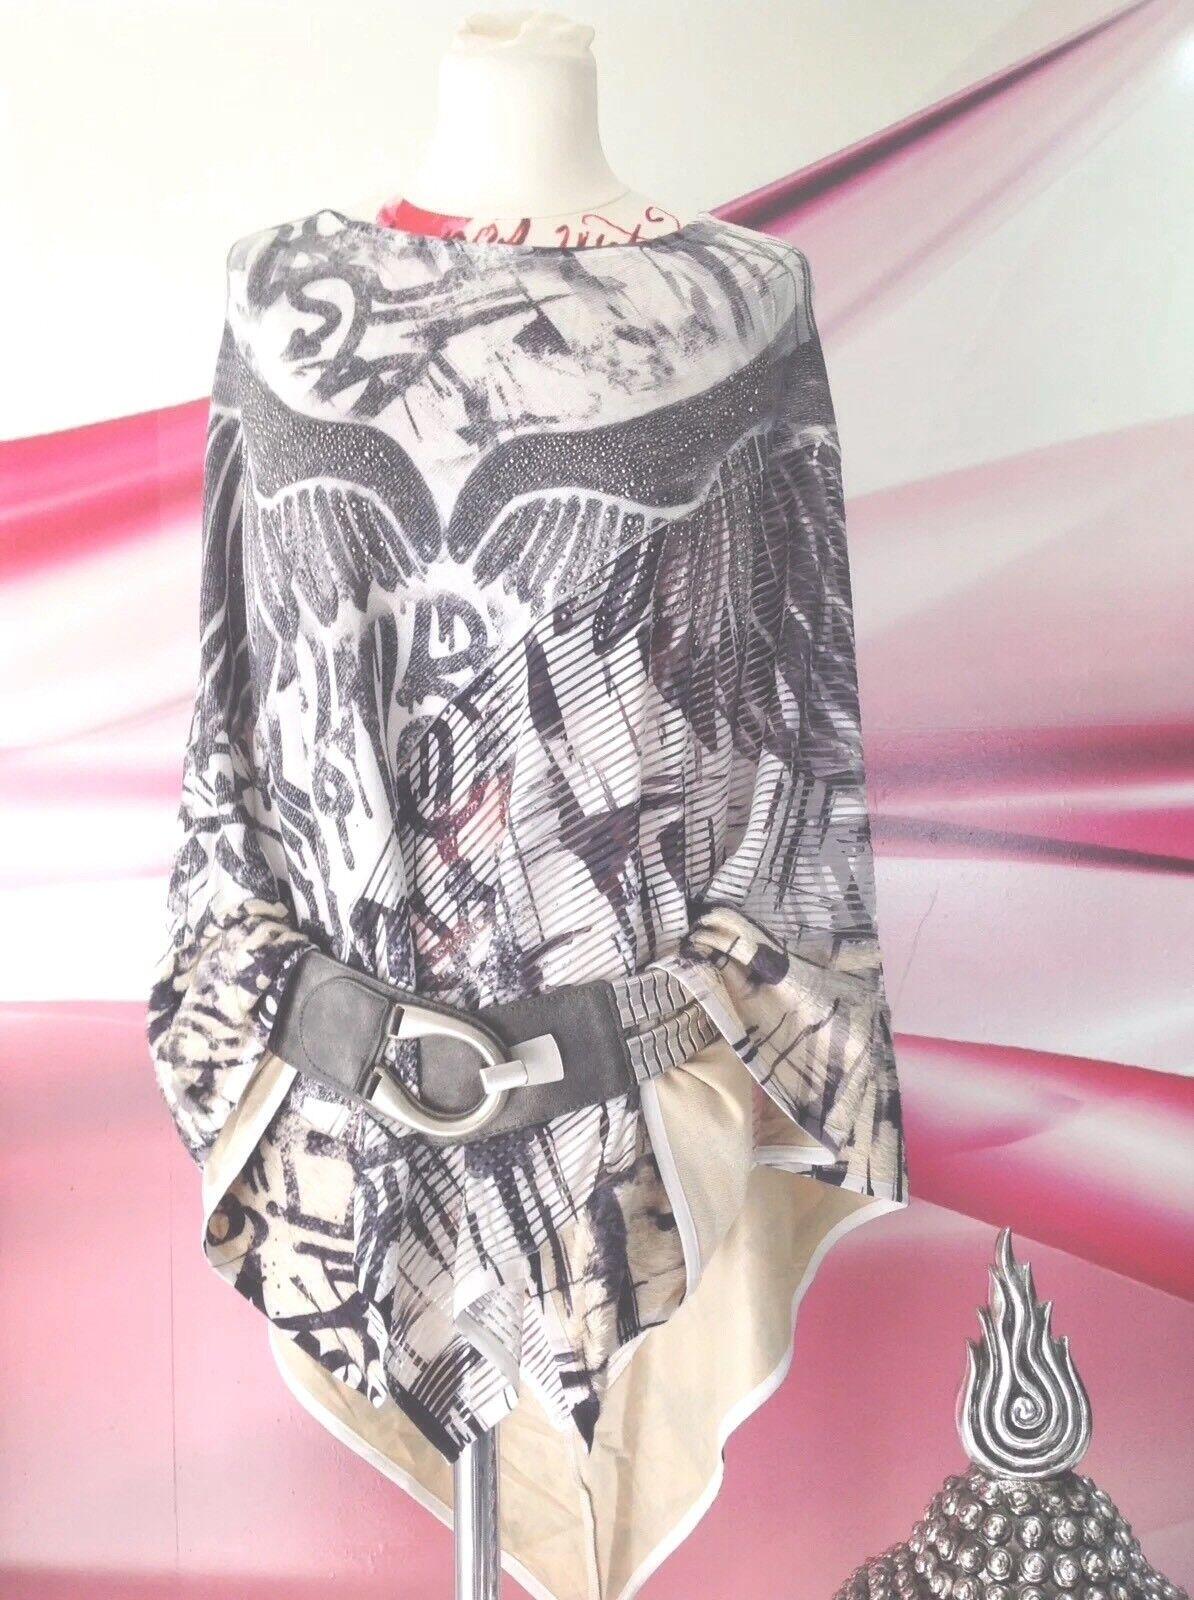 Cooler Ponchos Ponchos Ponchos von Missy Einheitsgröße 38-40-42-44 Federleicht Neuheit 2018 | Spielen Sie Leidenschaft, spielen Sie die Ernte, spielen Sie die Welt  | Deutschland Outlet  | Abgabepreis  178f8a